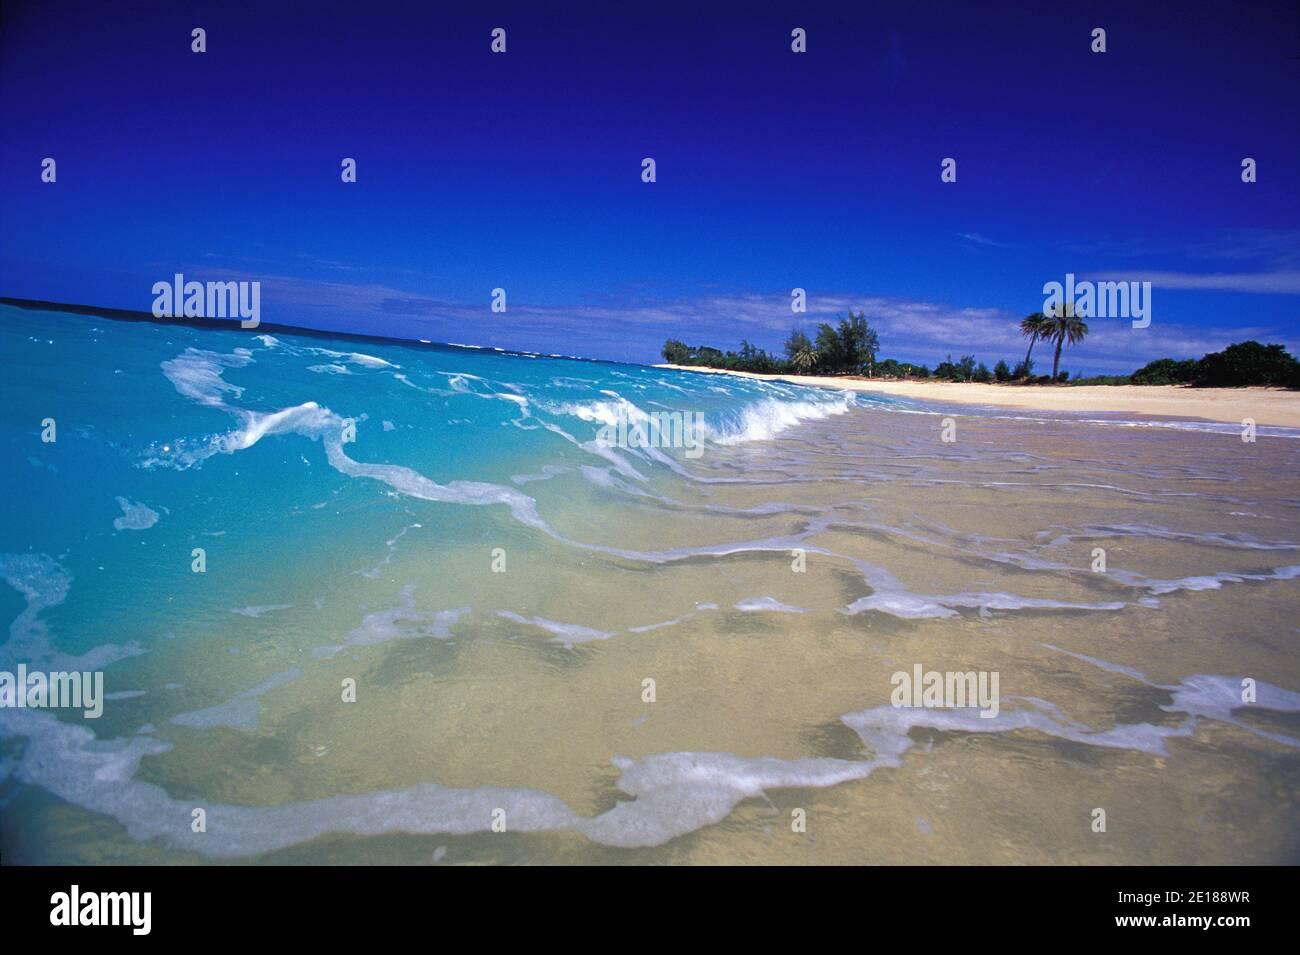 Wellen brechen klare blaue Wasser am weißen Sandstrand, Velzyland, North Shore, Oahu Stockfoto